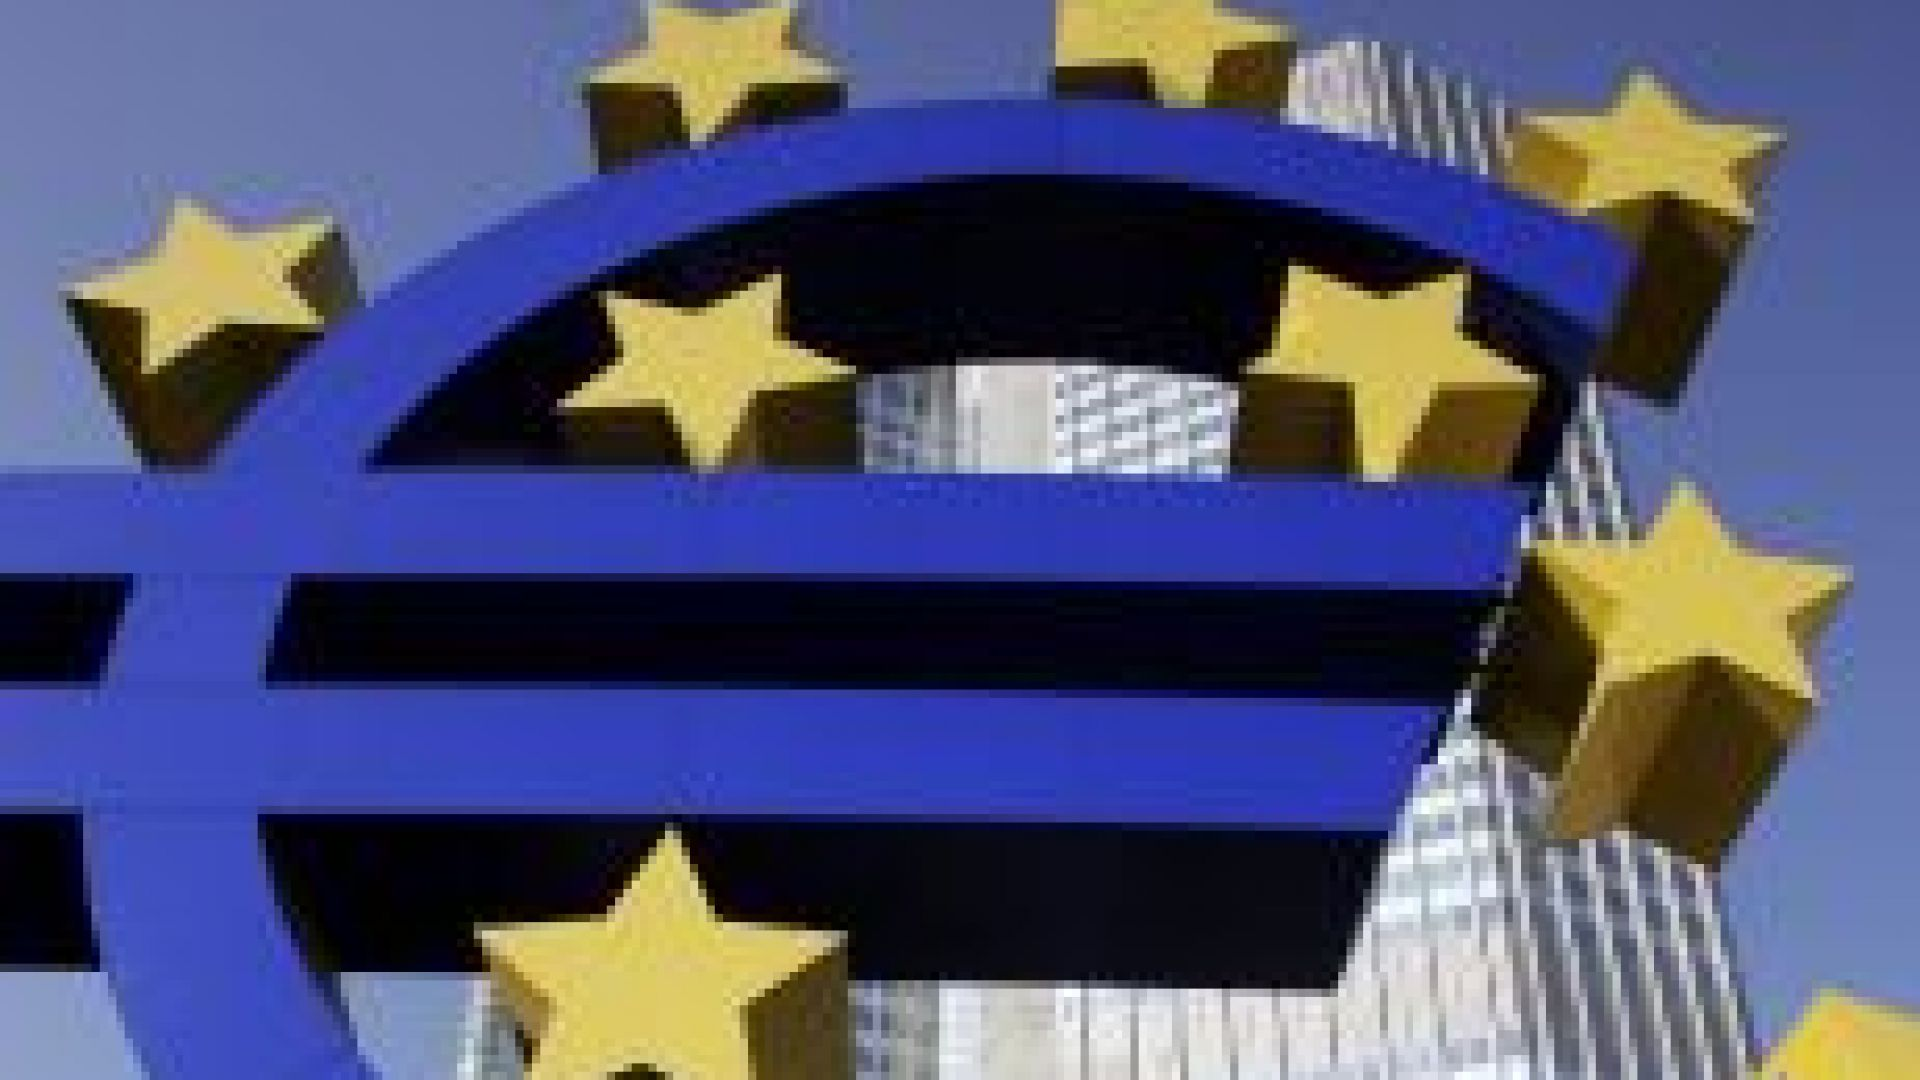 Идва ли краят на наливането на пари в еврозоната?